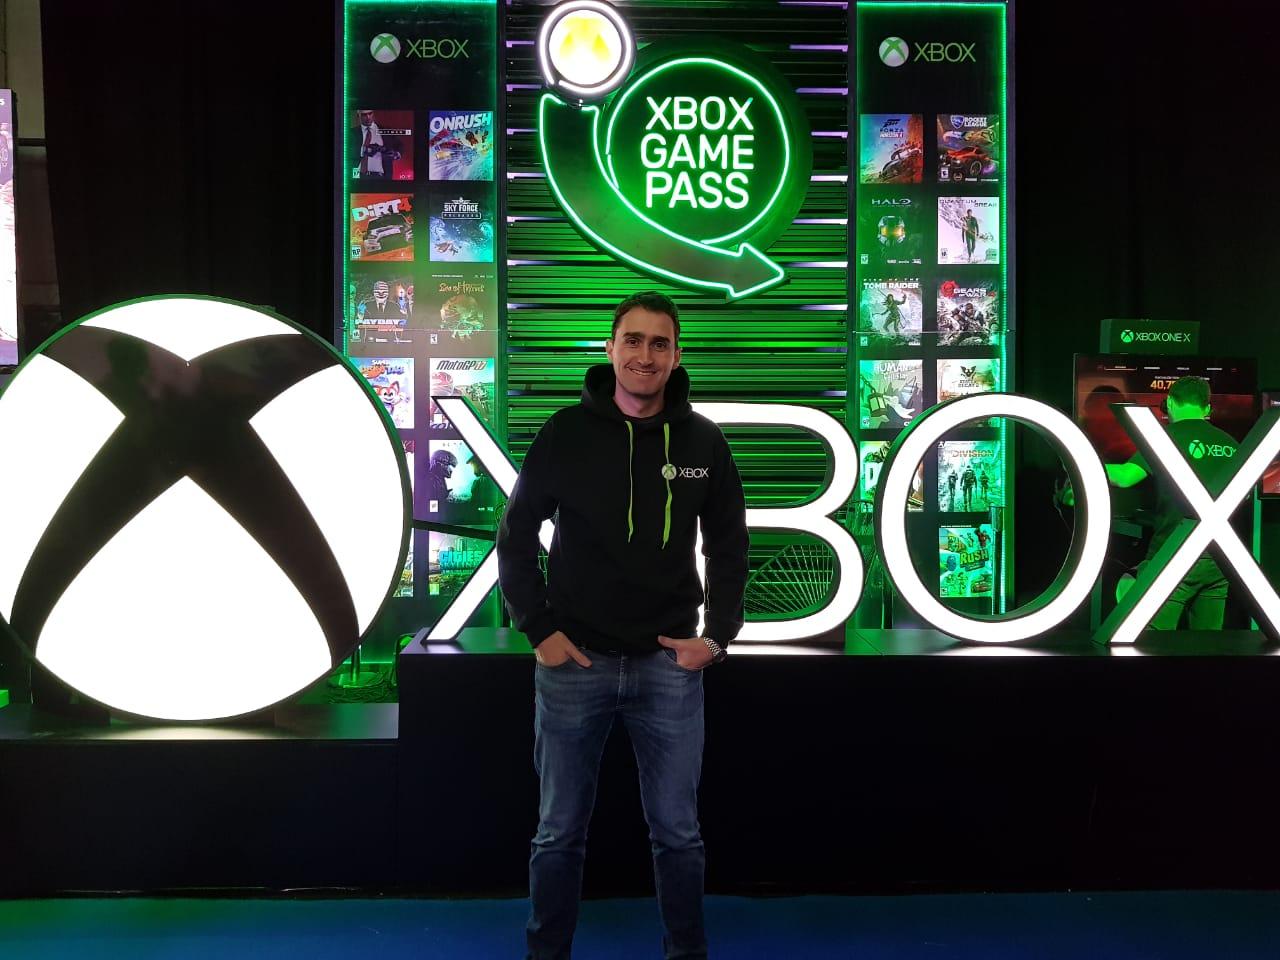 """Xbox piensa en el futuro: """"Las consolas ya no son rentables, pero el mundo todavía no está listo para el streaming de videojuegos"""""""